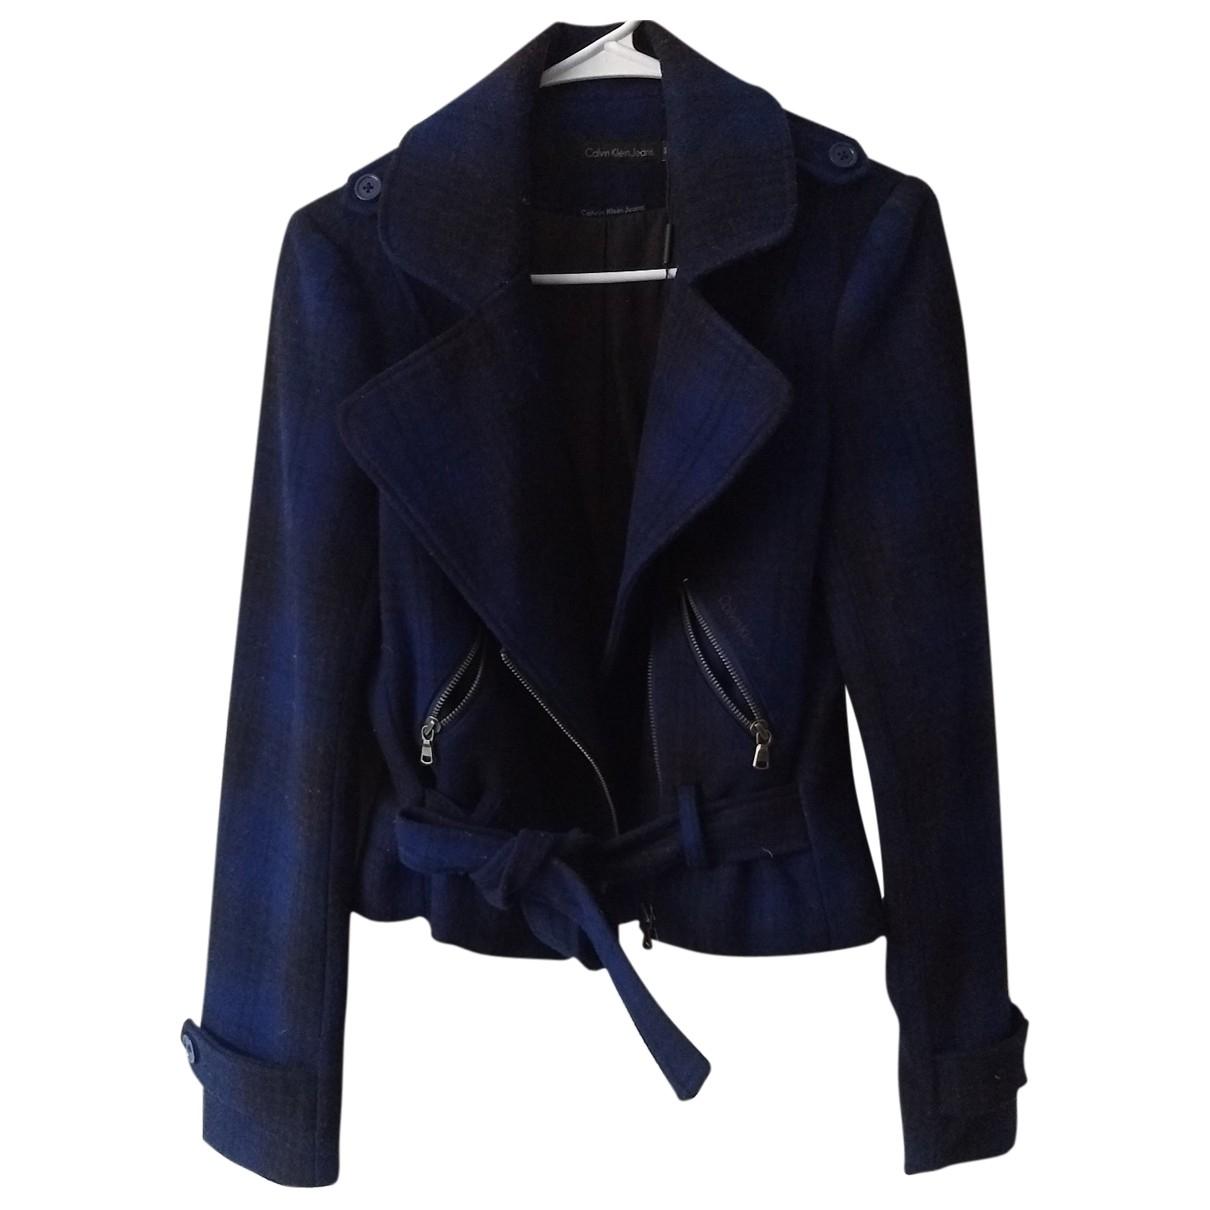 Calvin Klein \N Jacke in  Blau Wolle